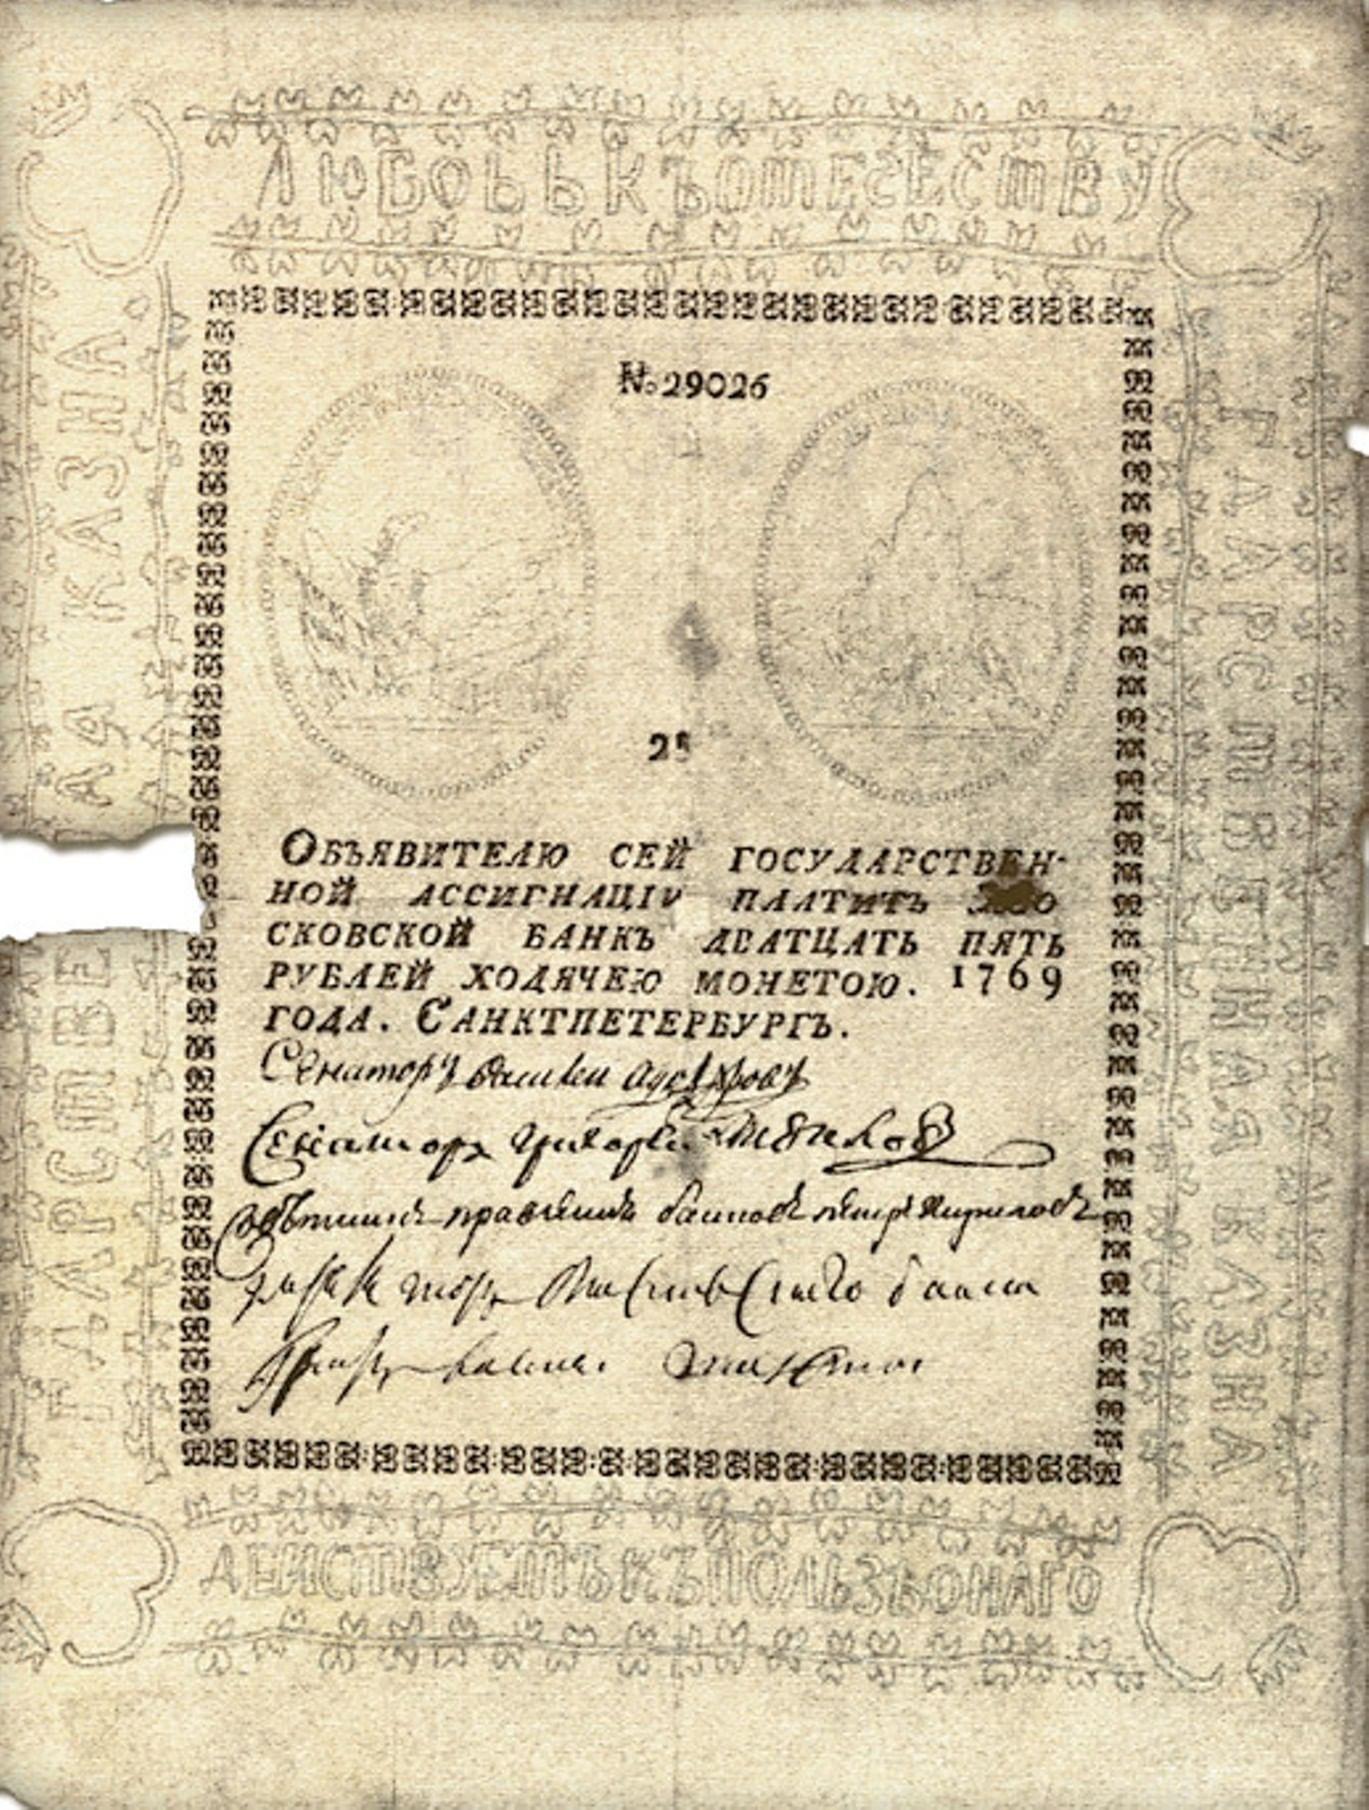 Как бумаги стали ценными: художественная история банкнот. Галерея 1. Недостатки аскетического дизайна